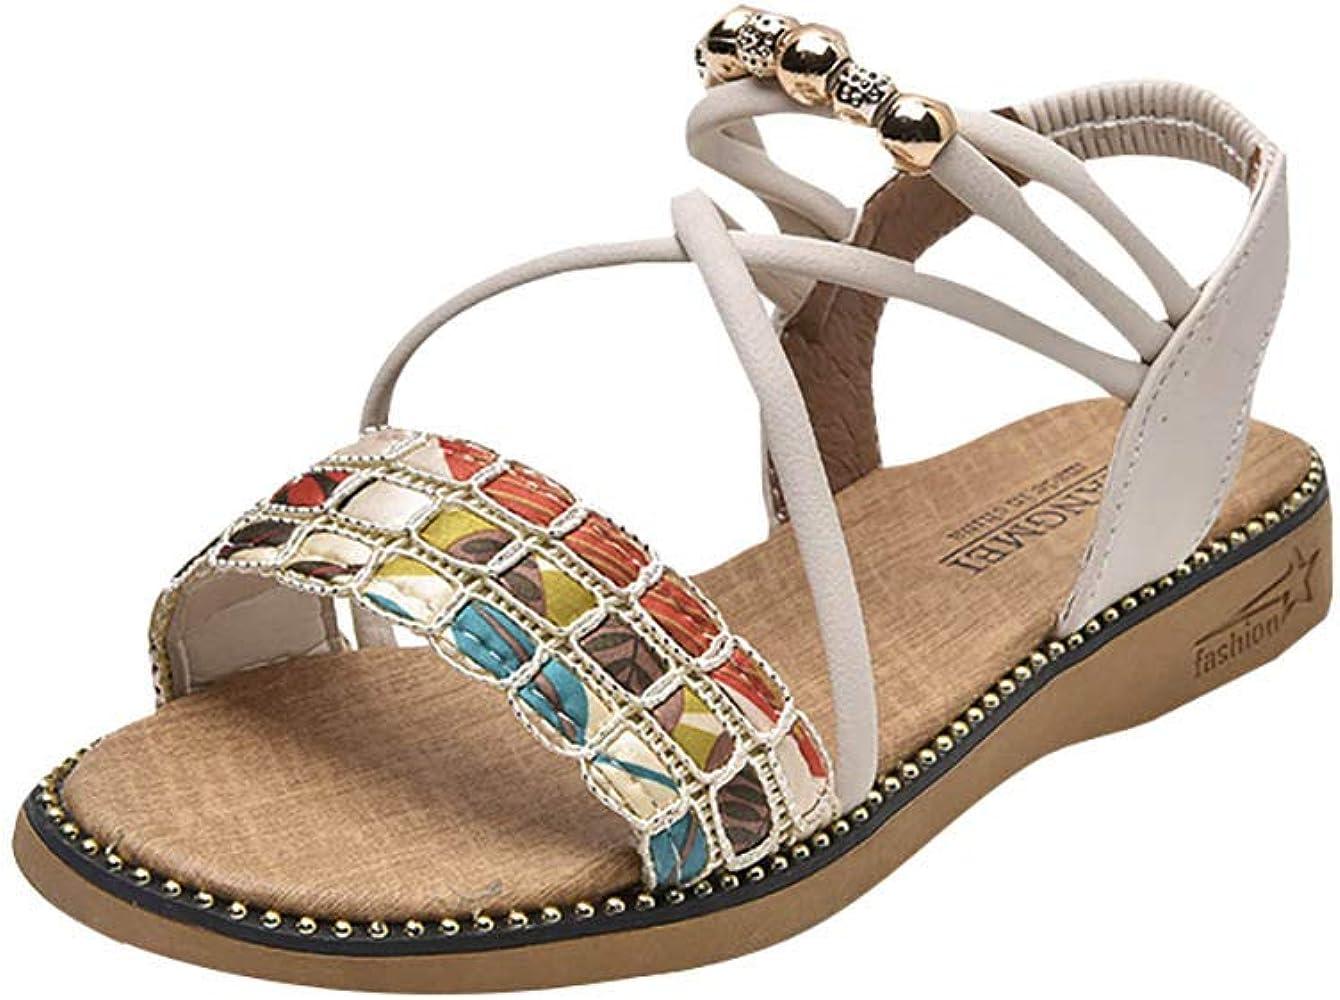 Plat Femme Sandales D'été À Talons Nouveau Mariage Mode Chaussures vNmOPy8n0w